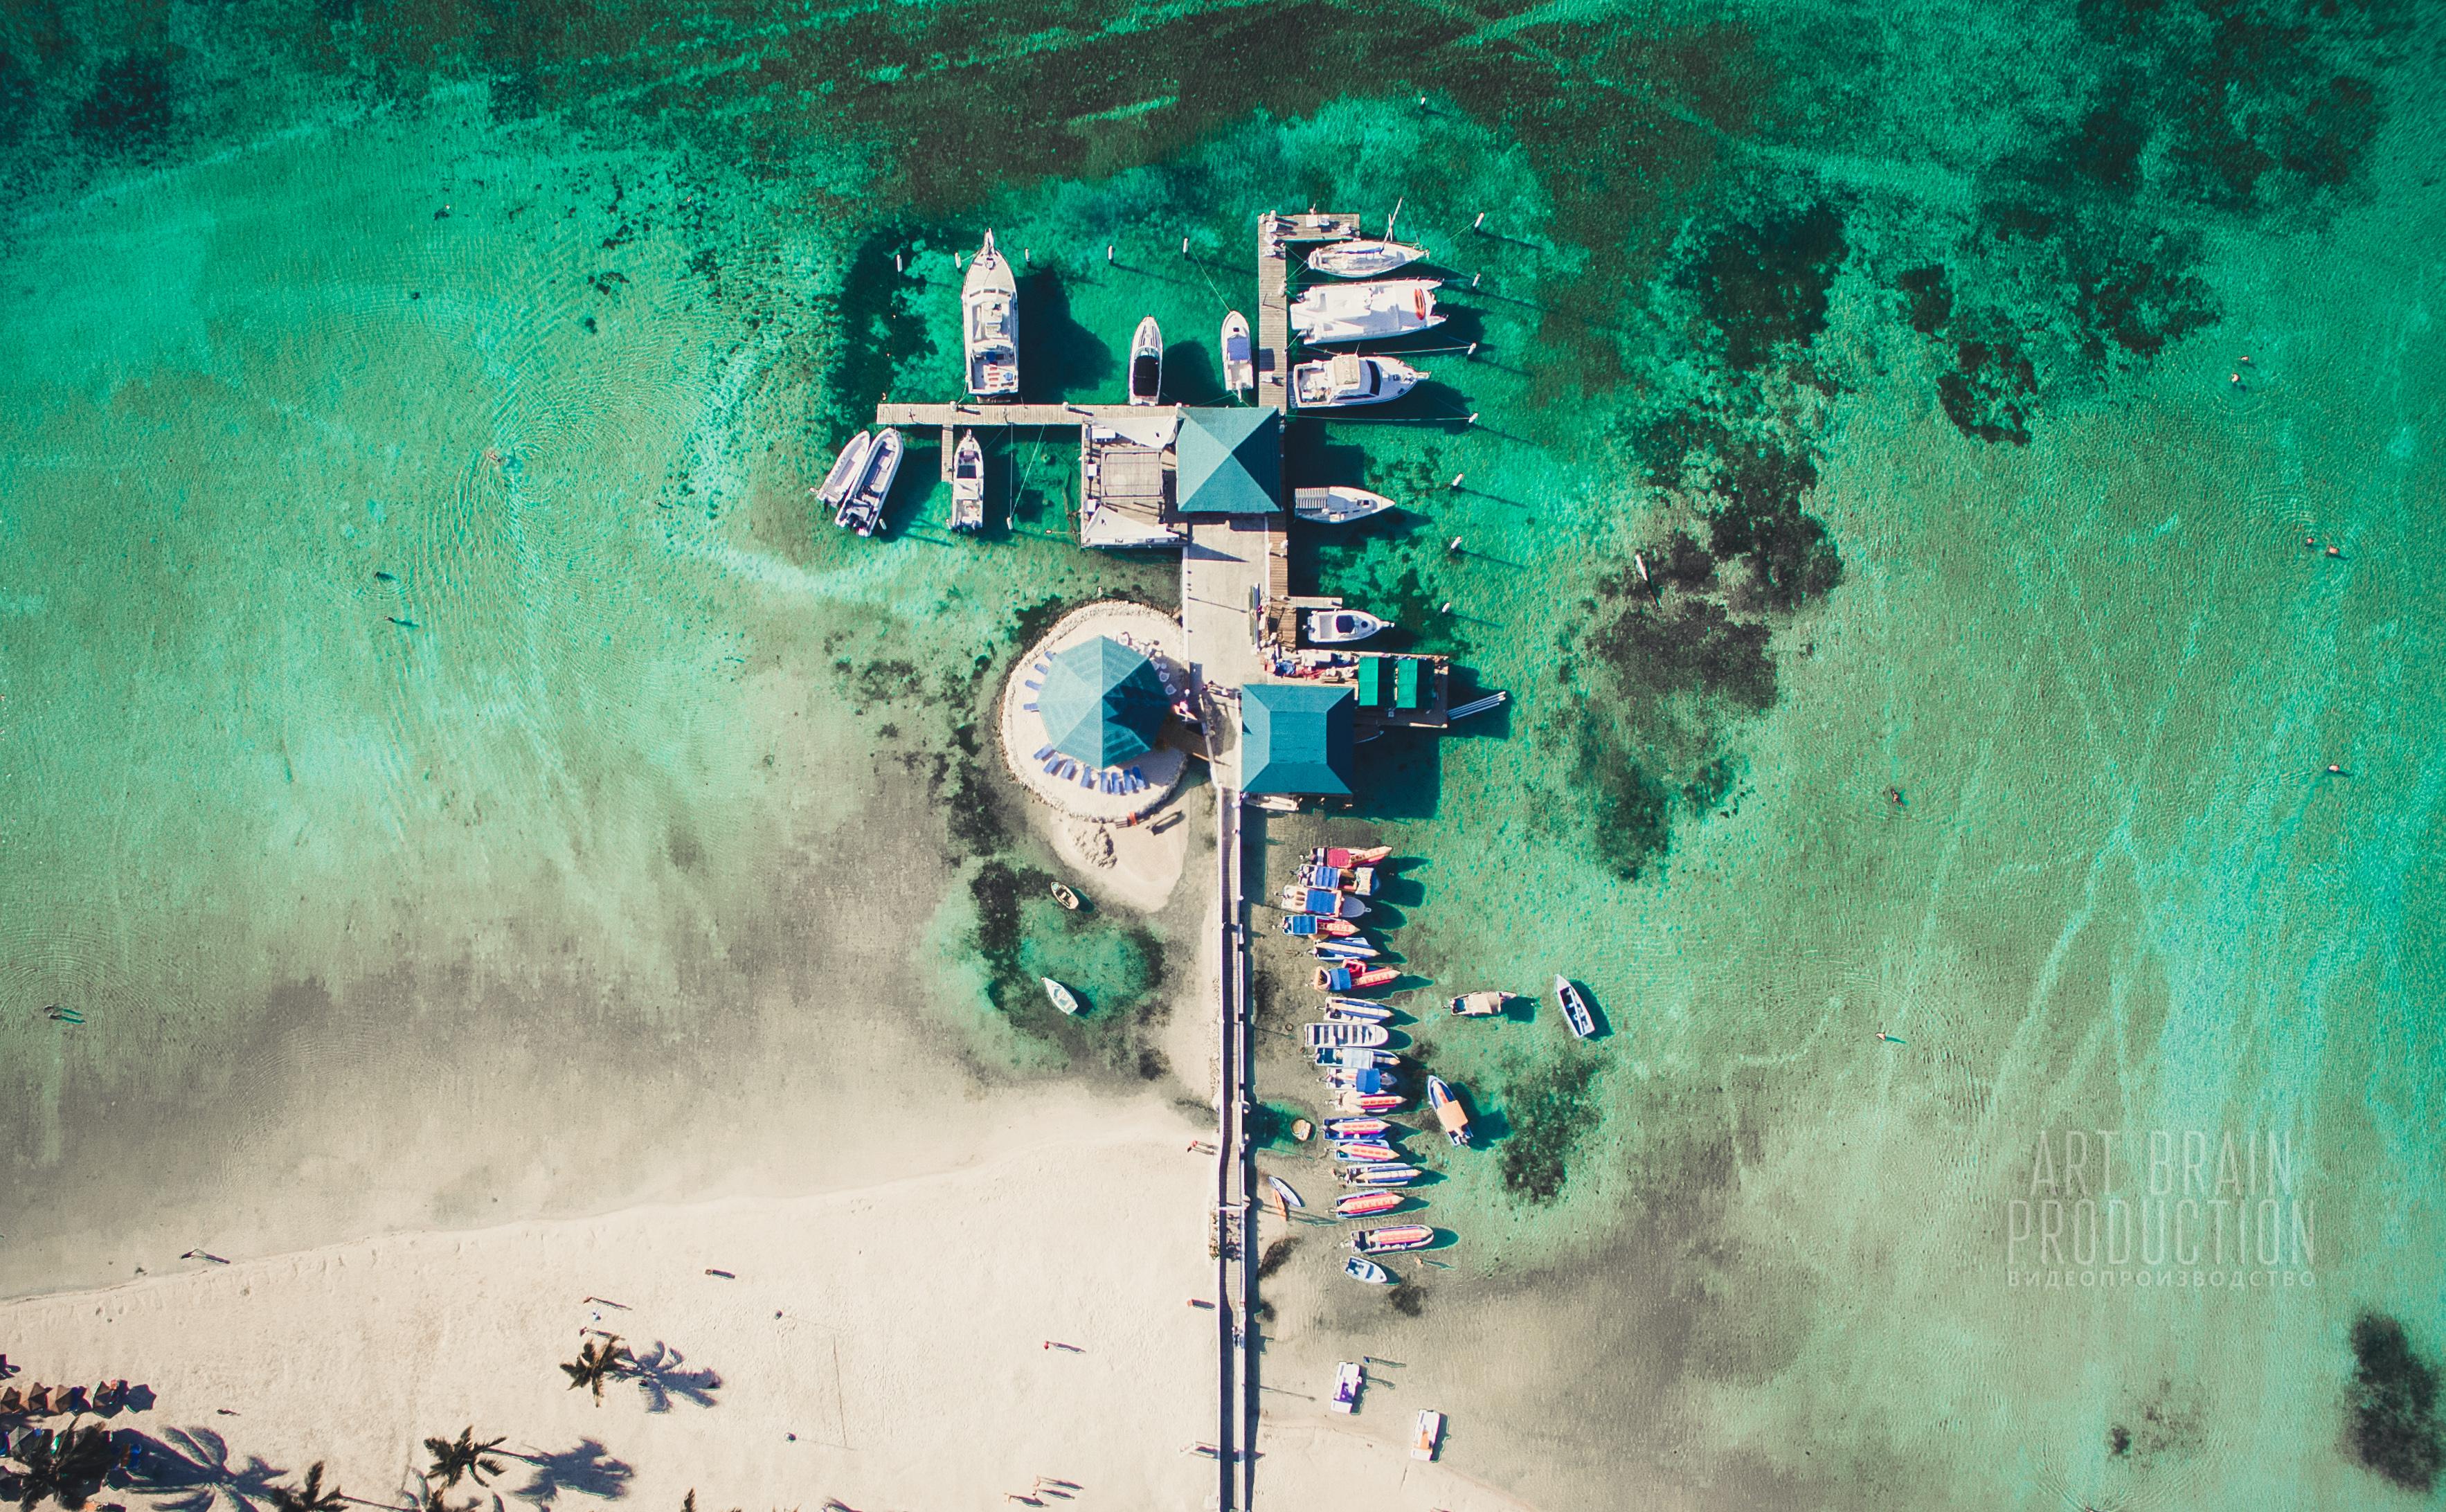 аэросъемка и видеосъемка Доминикана